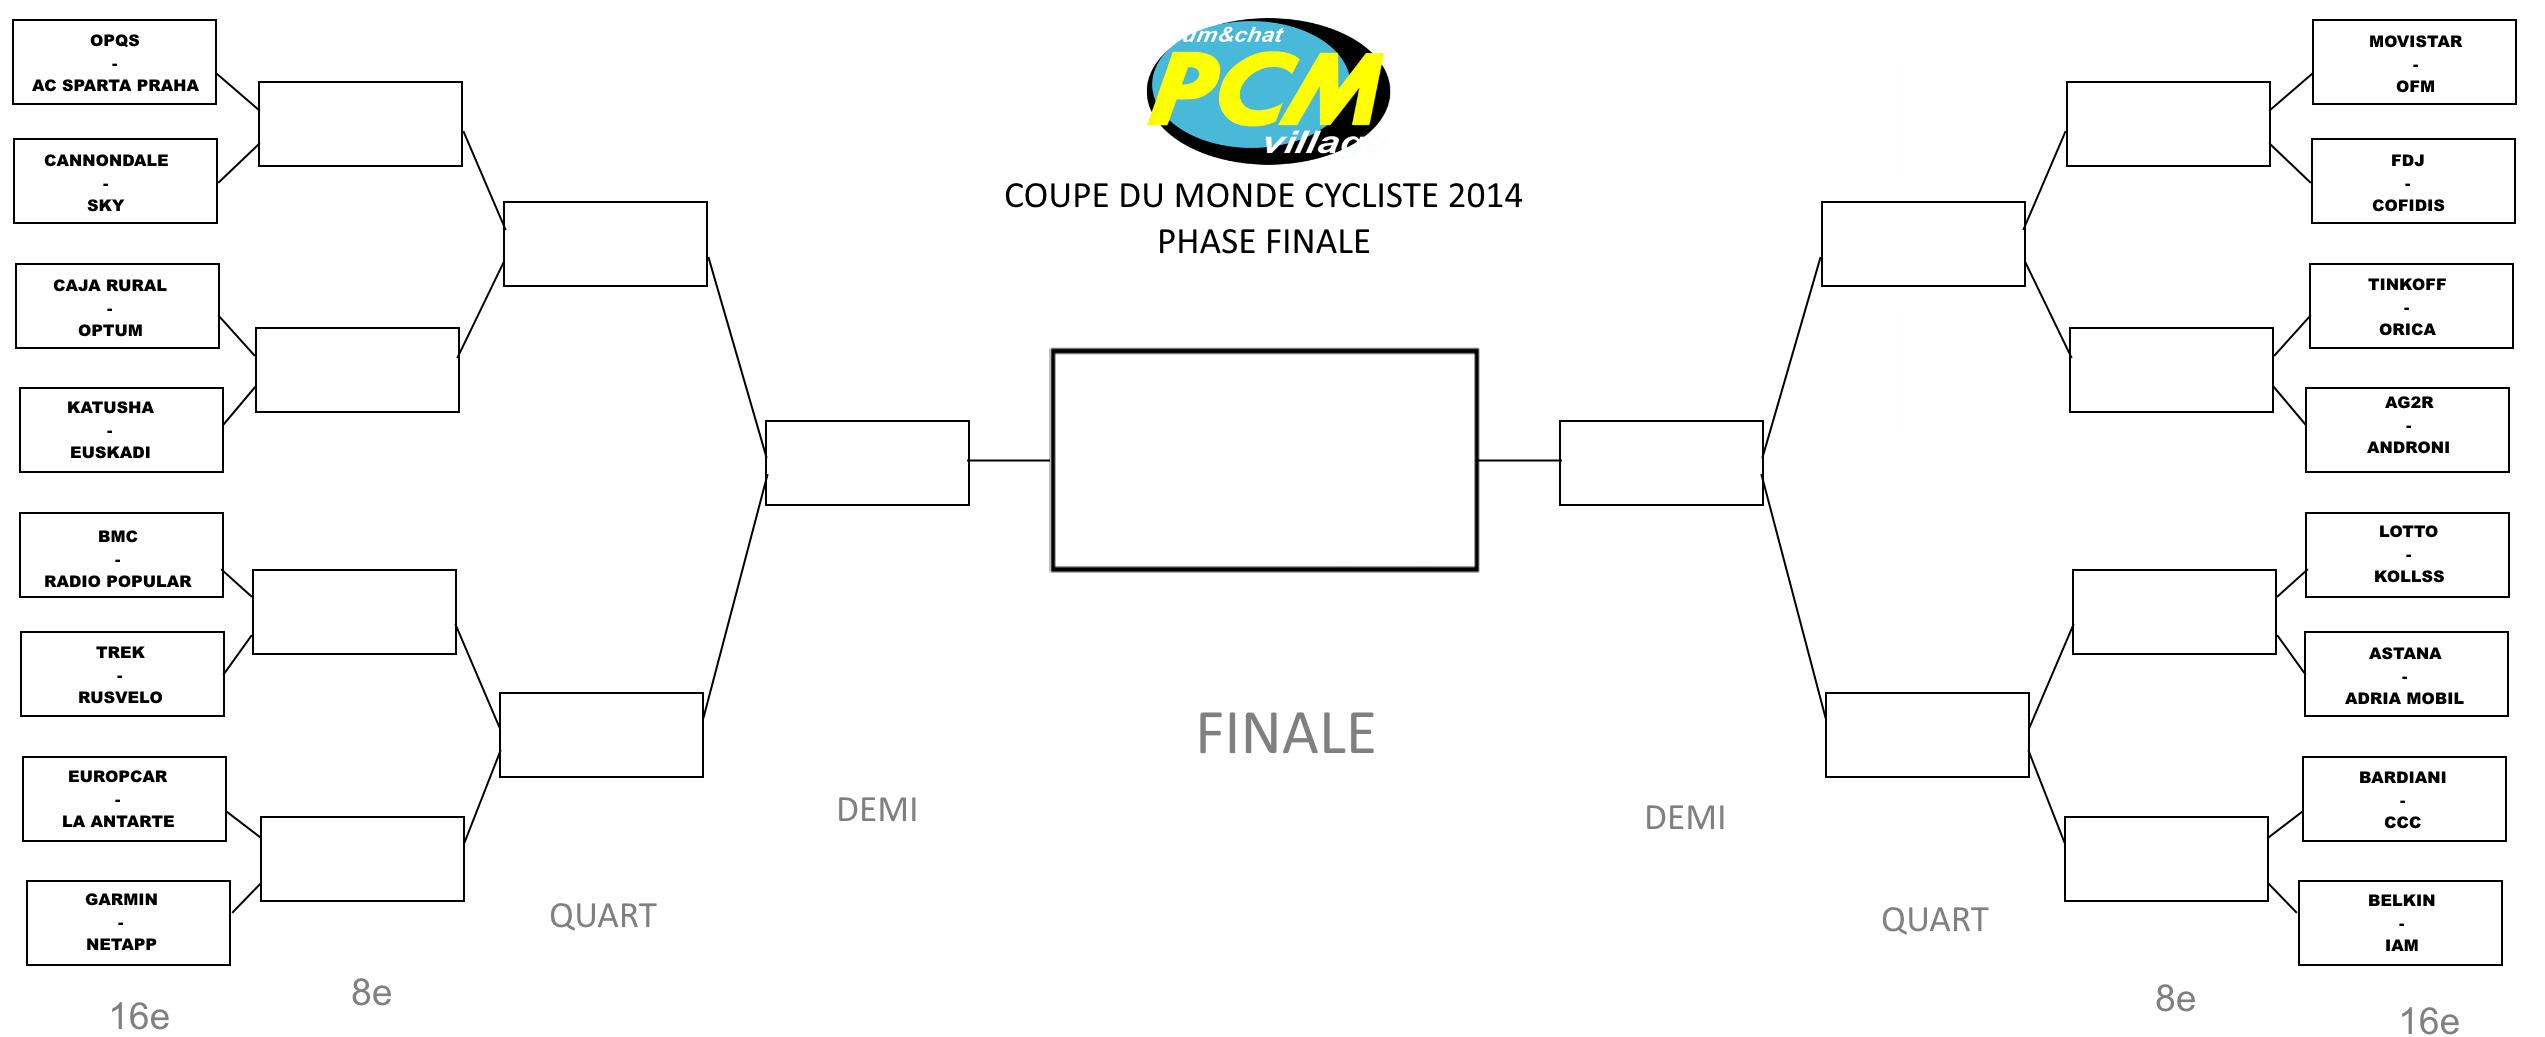 Coupe du monde cycliste 2014 page 9 - Tableau phase finale coupe du monde 2014 ...